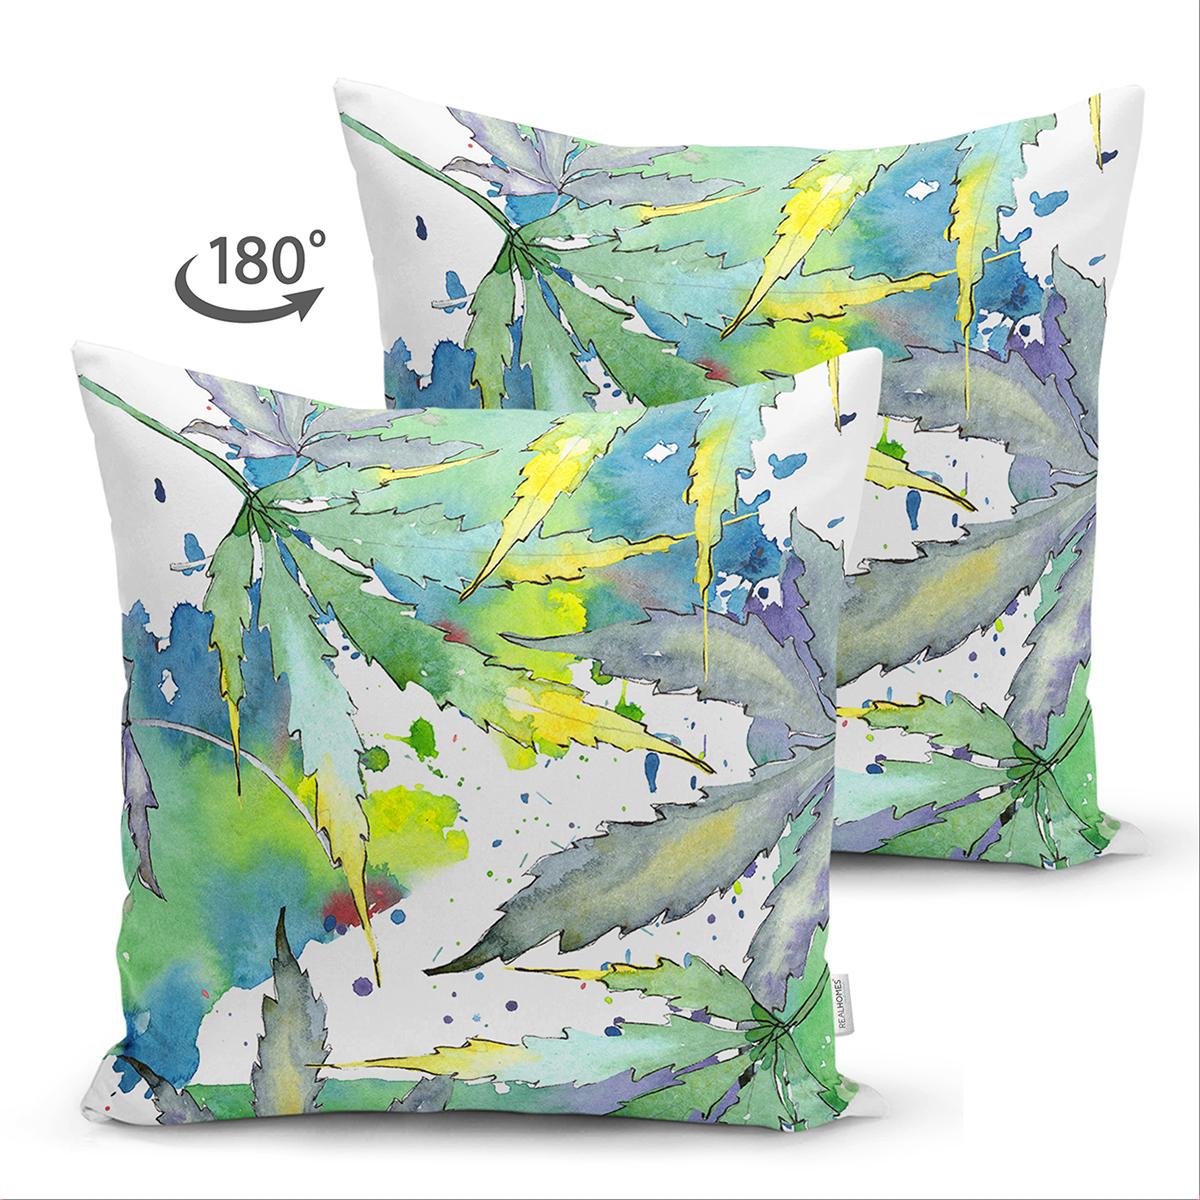 Çift Taraflı Beyaz Zeminli Renkli Yaprak Desenli Dijital Baskılı Modern Süet Yastık Kırlent Kılıfı Realhomes